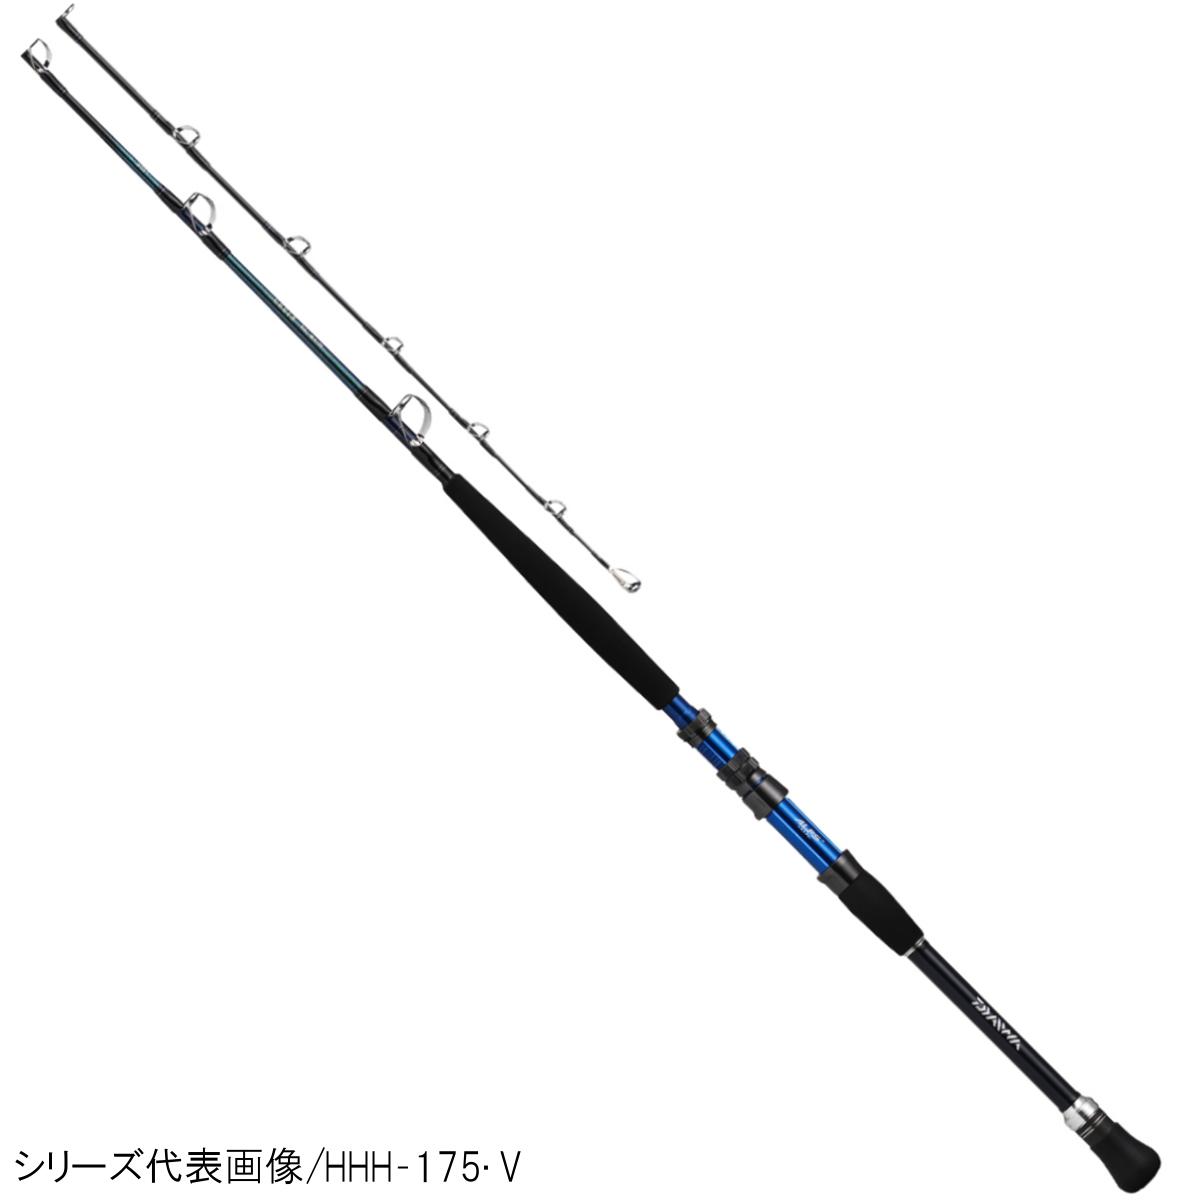 ダイワ ゴウイン ブル・V HHH-190・V【大型商品】【送料無料】